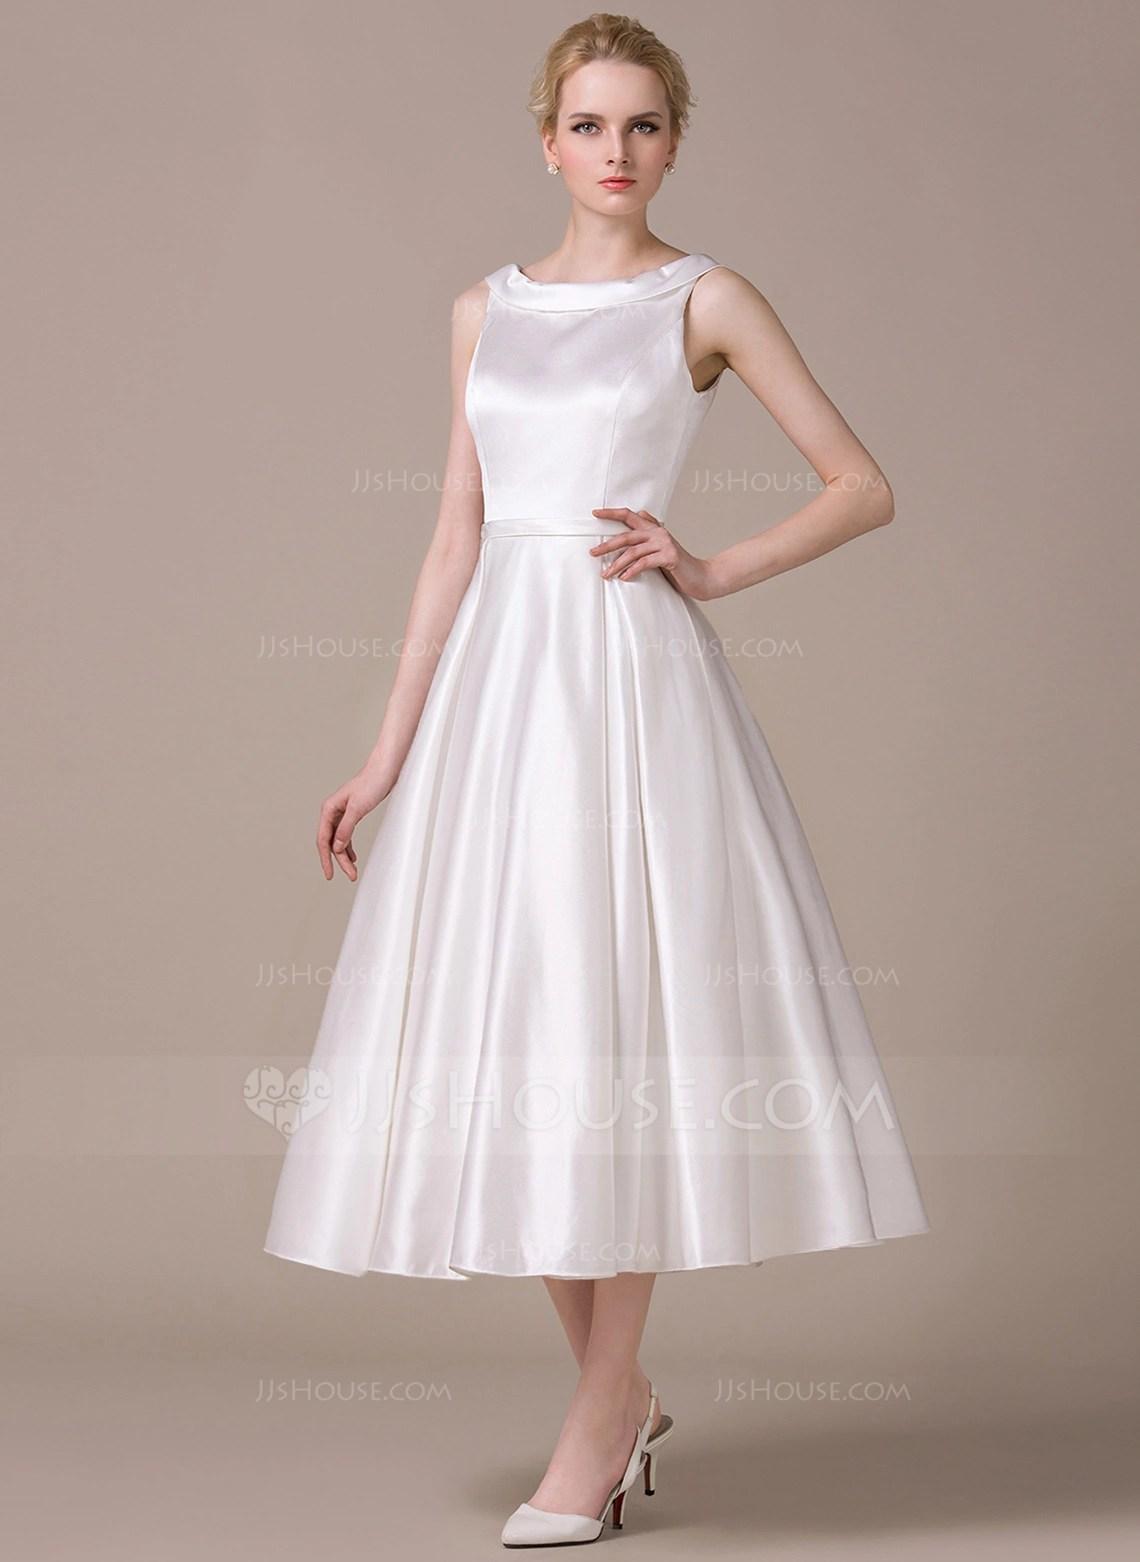 A LinePrincess Scoop Neck Tea Length Satin Wedding Dress